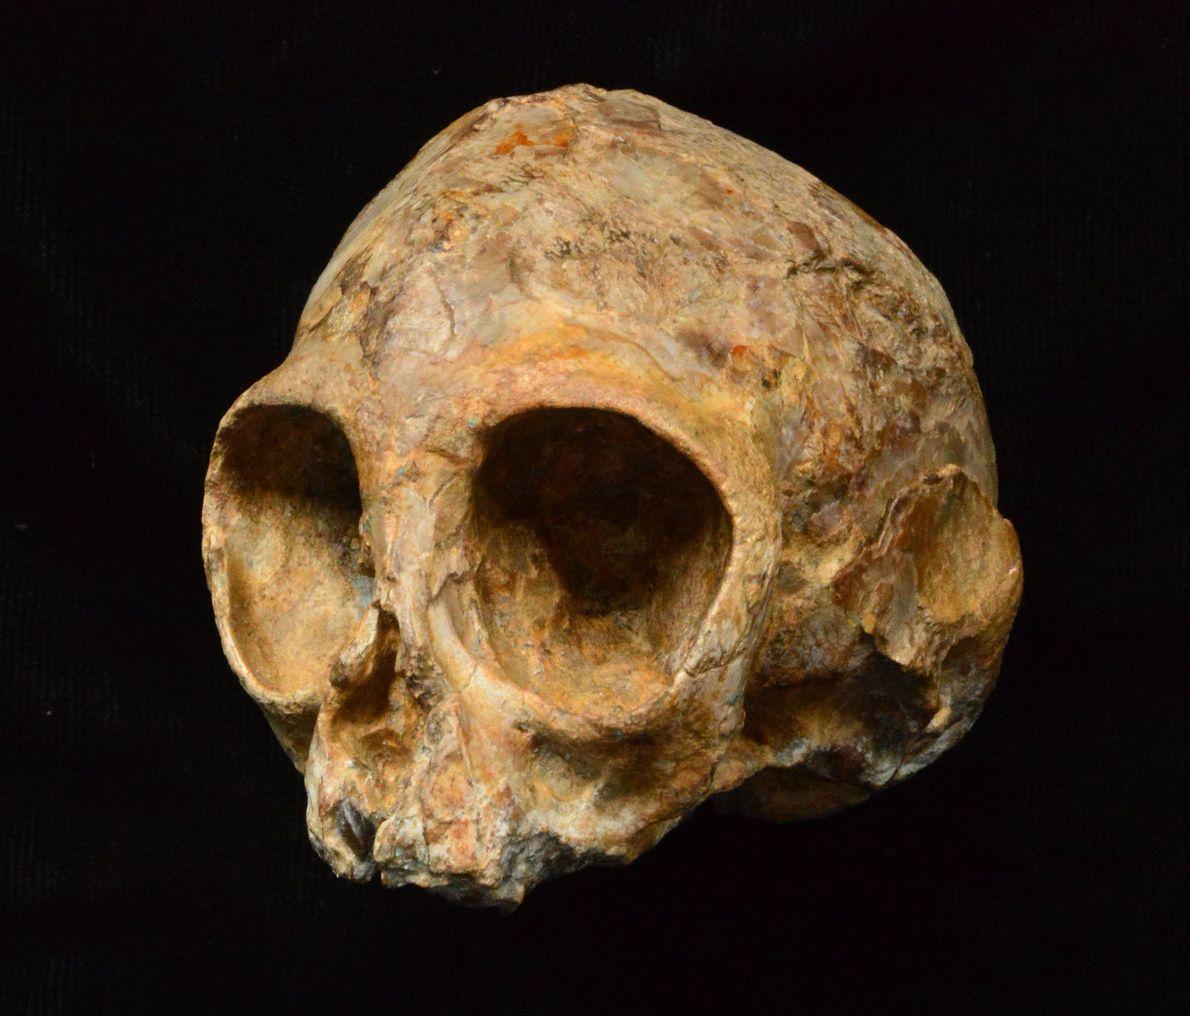 Cráneo del simio